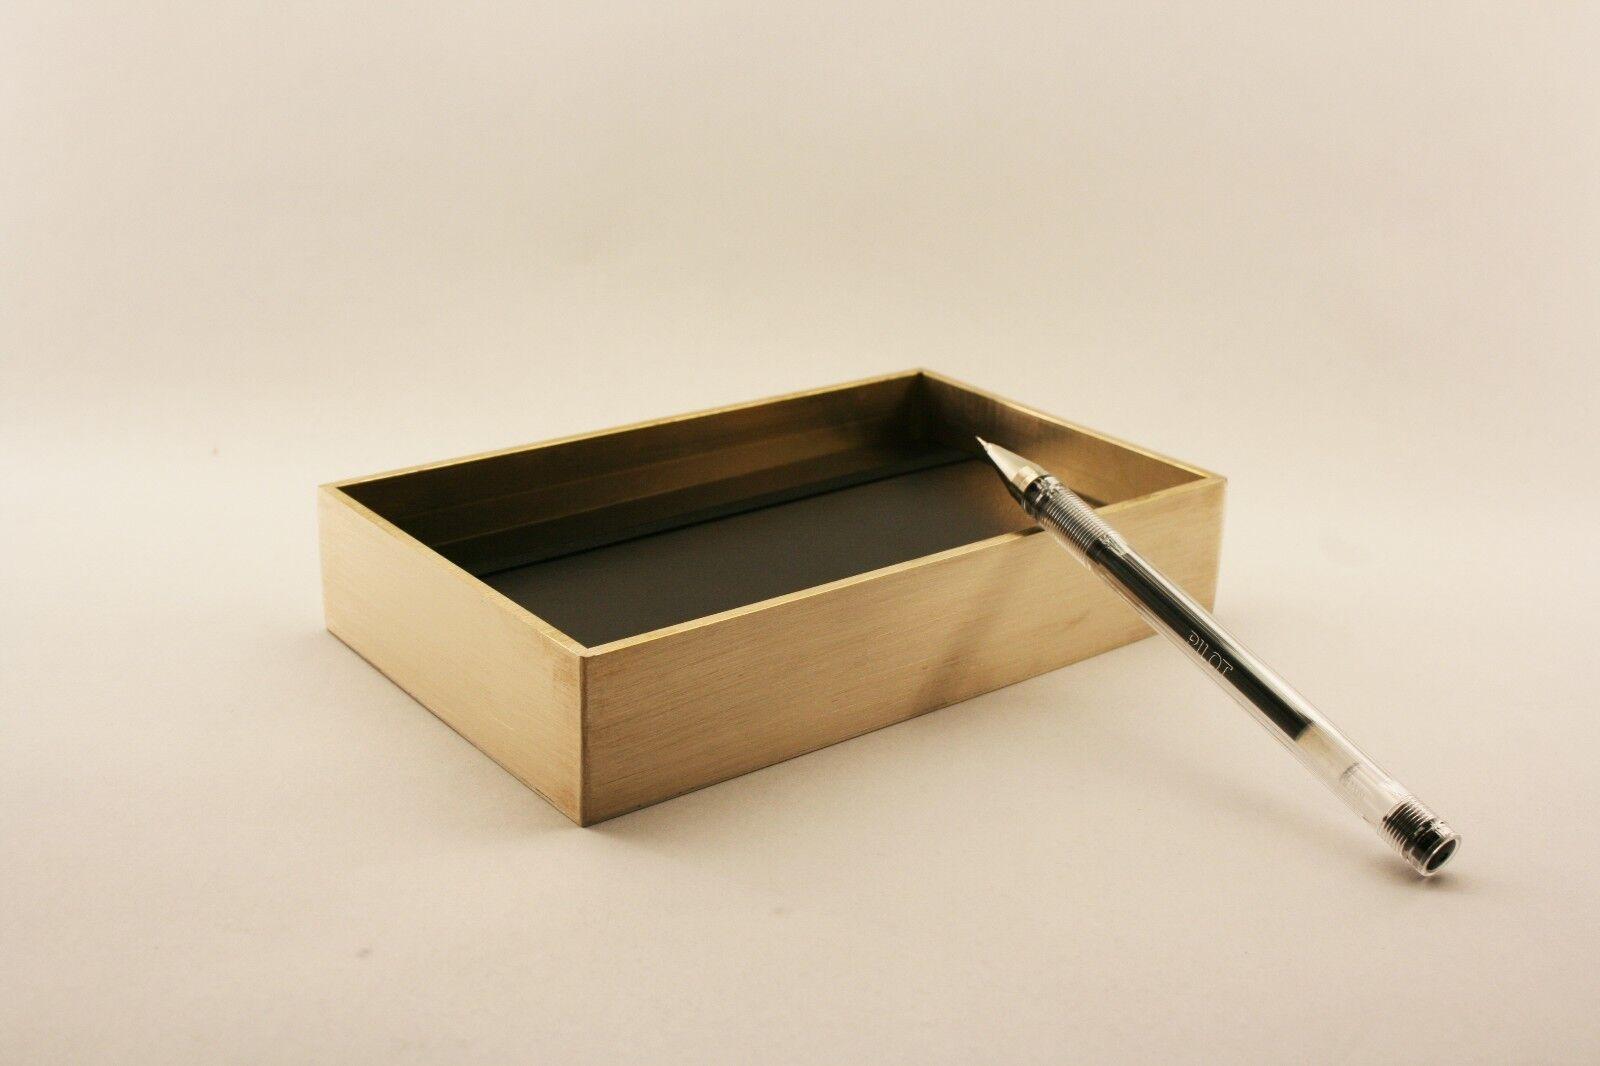 Design Box Messing   Brass Case   poliert   gebürstet   16 x 11,5 x 3 cm DIN A6